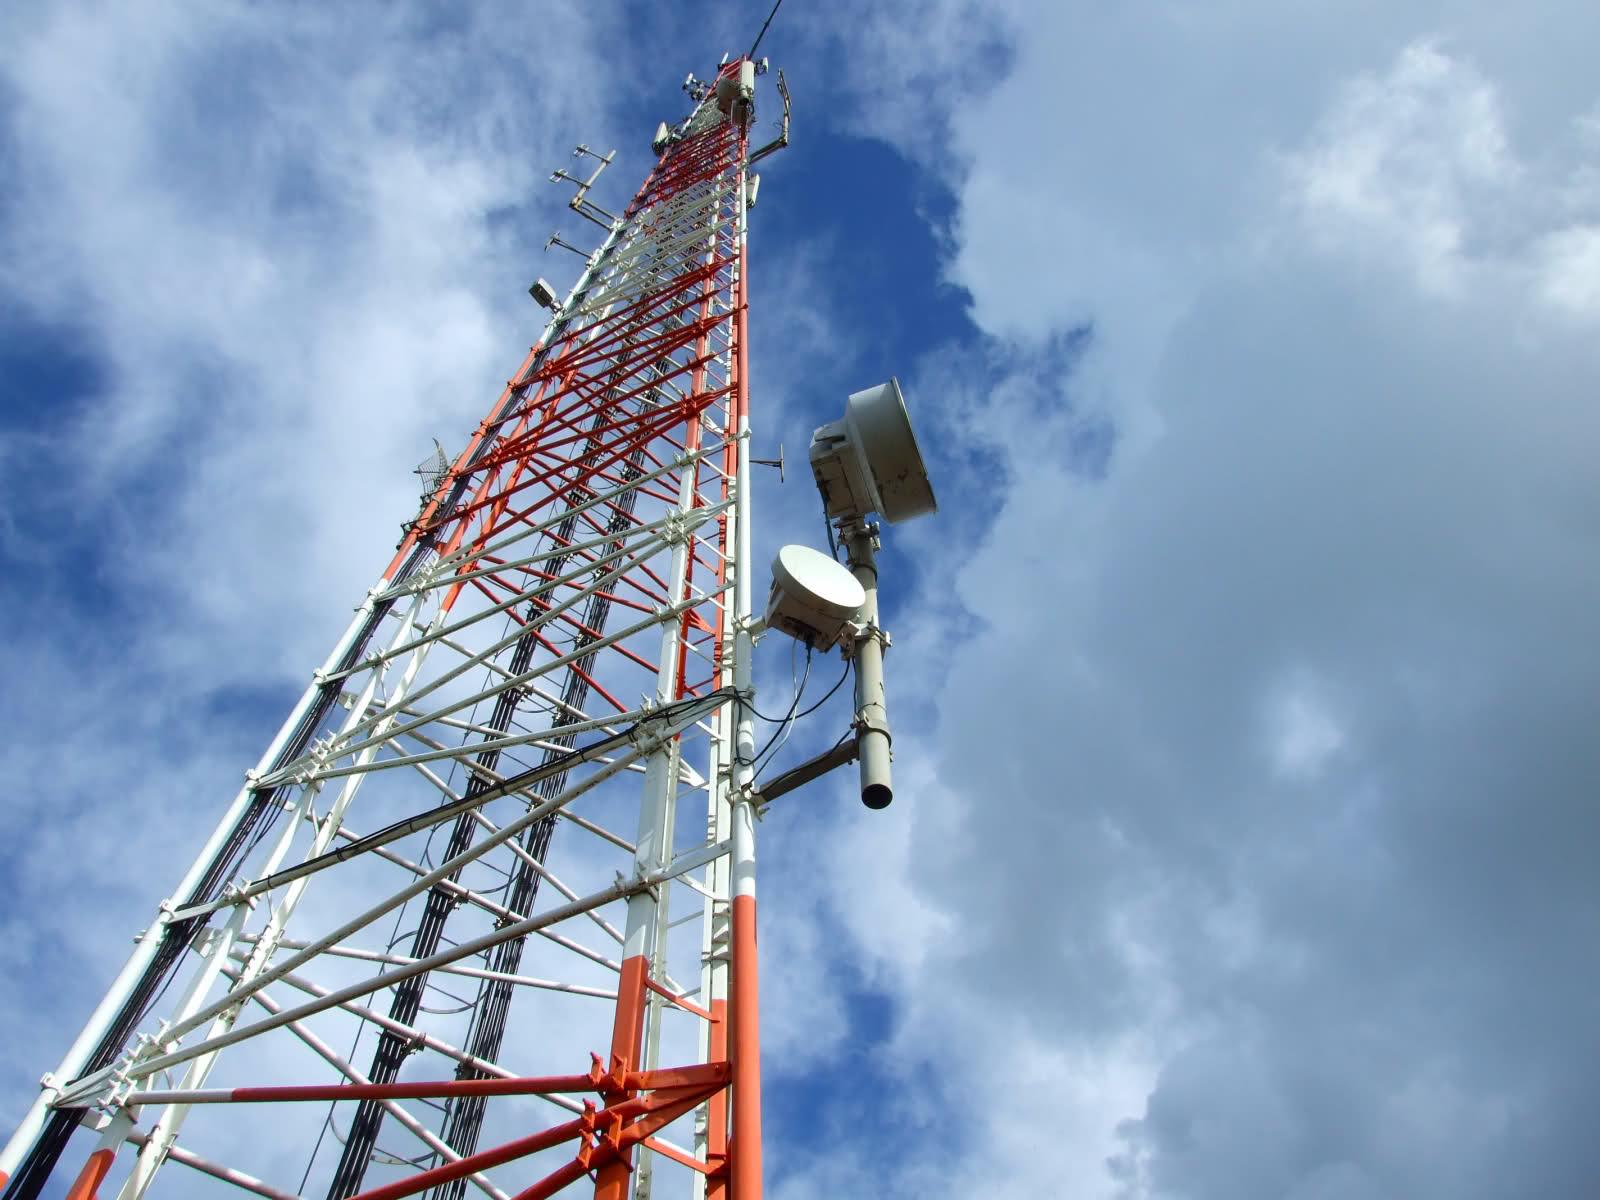 Kominfo Selesaikan Penataan Ulang Frekuensi 800 dan 900 MHz